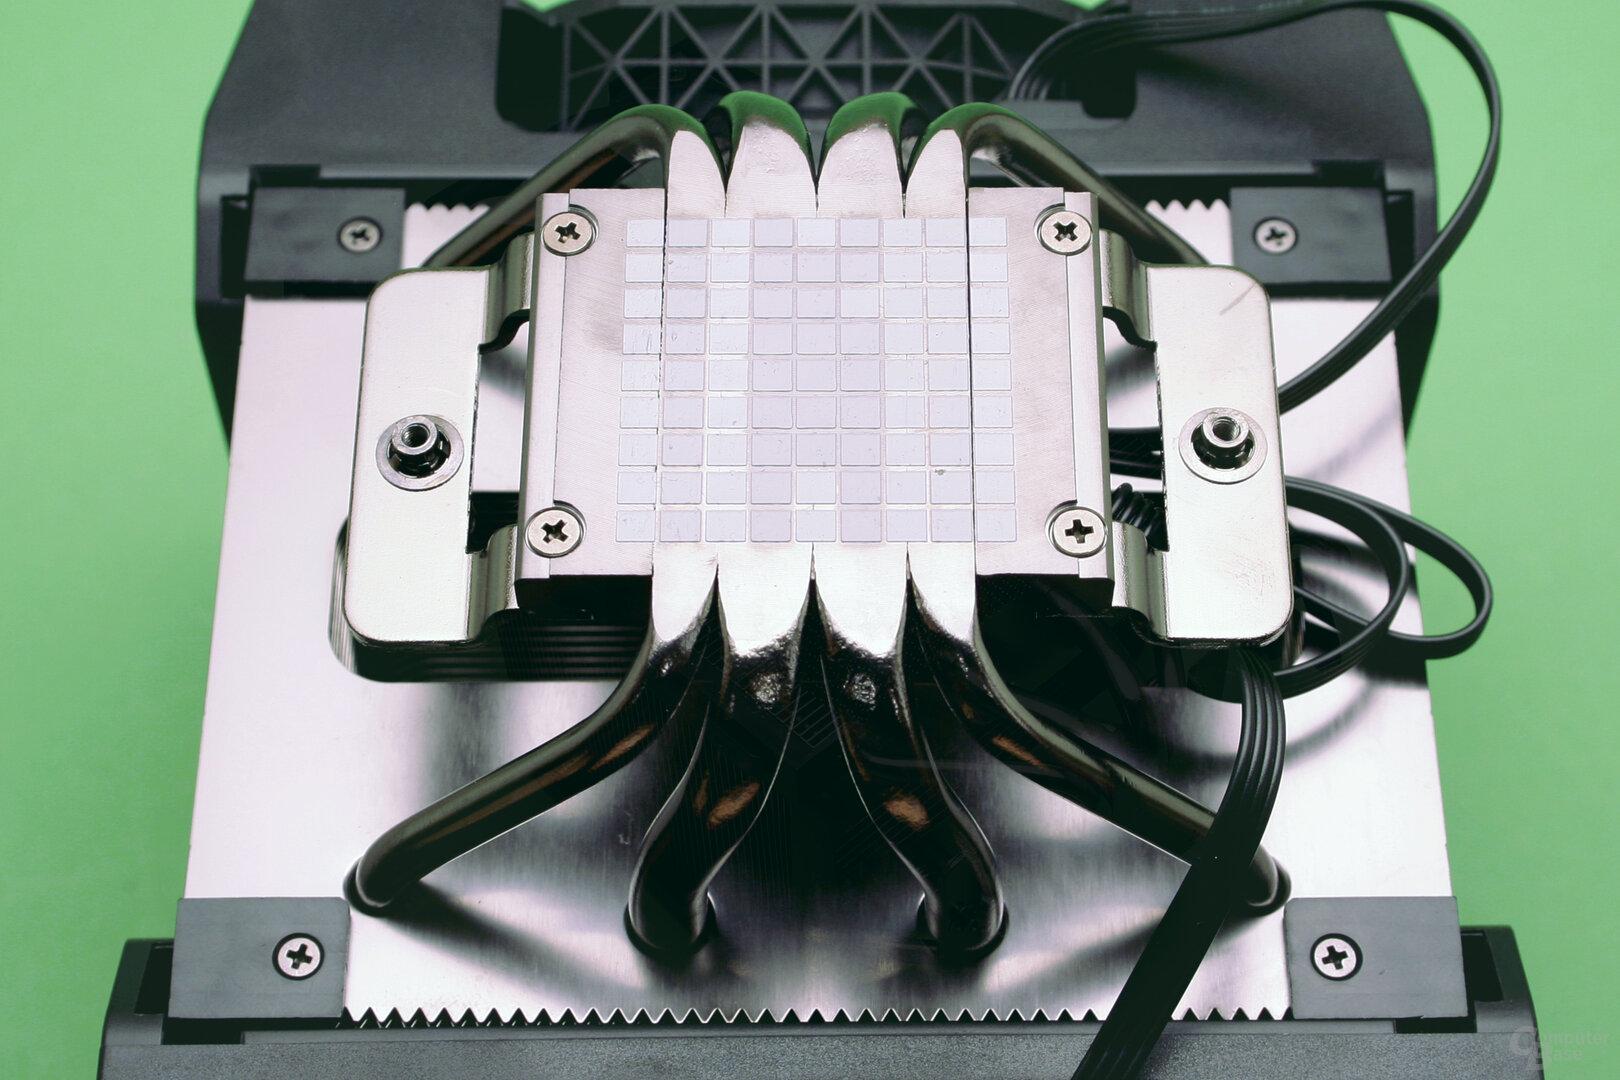 Corsair A500: Im Voraus aufgetragene Wärmeleitpaste